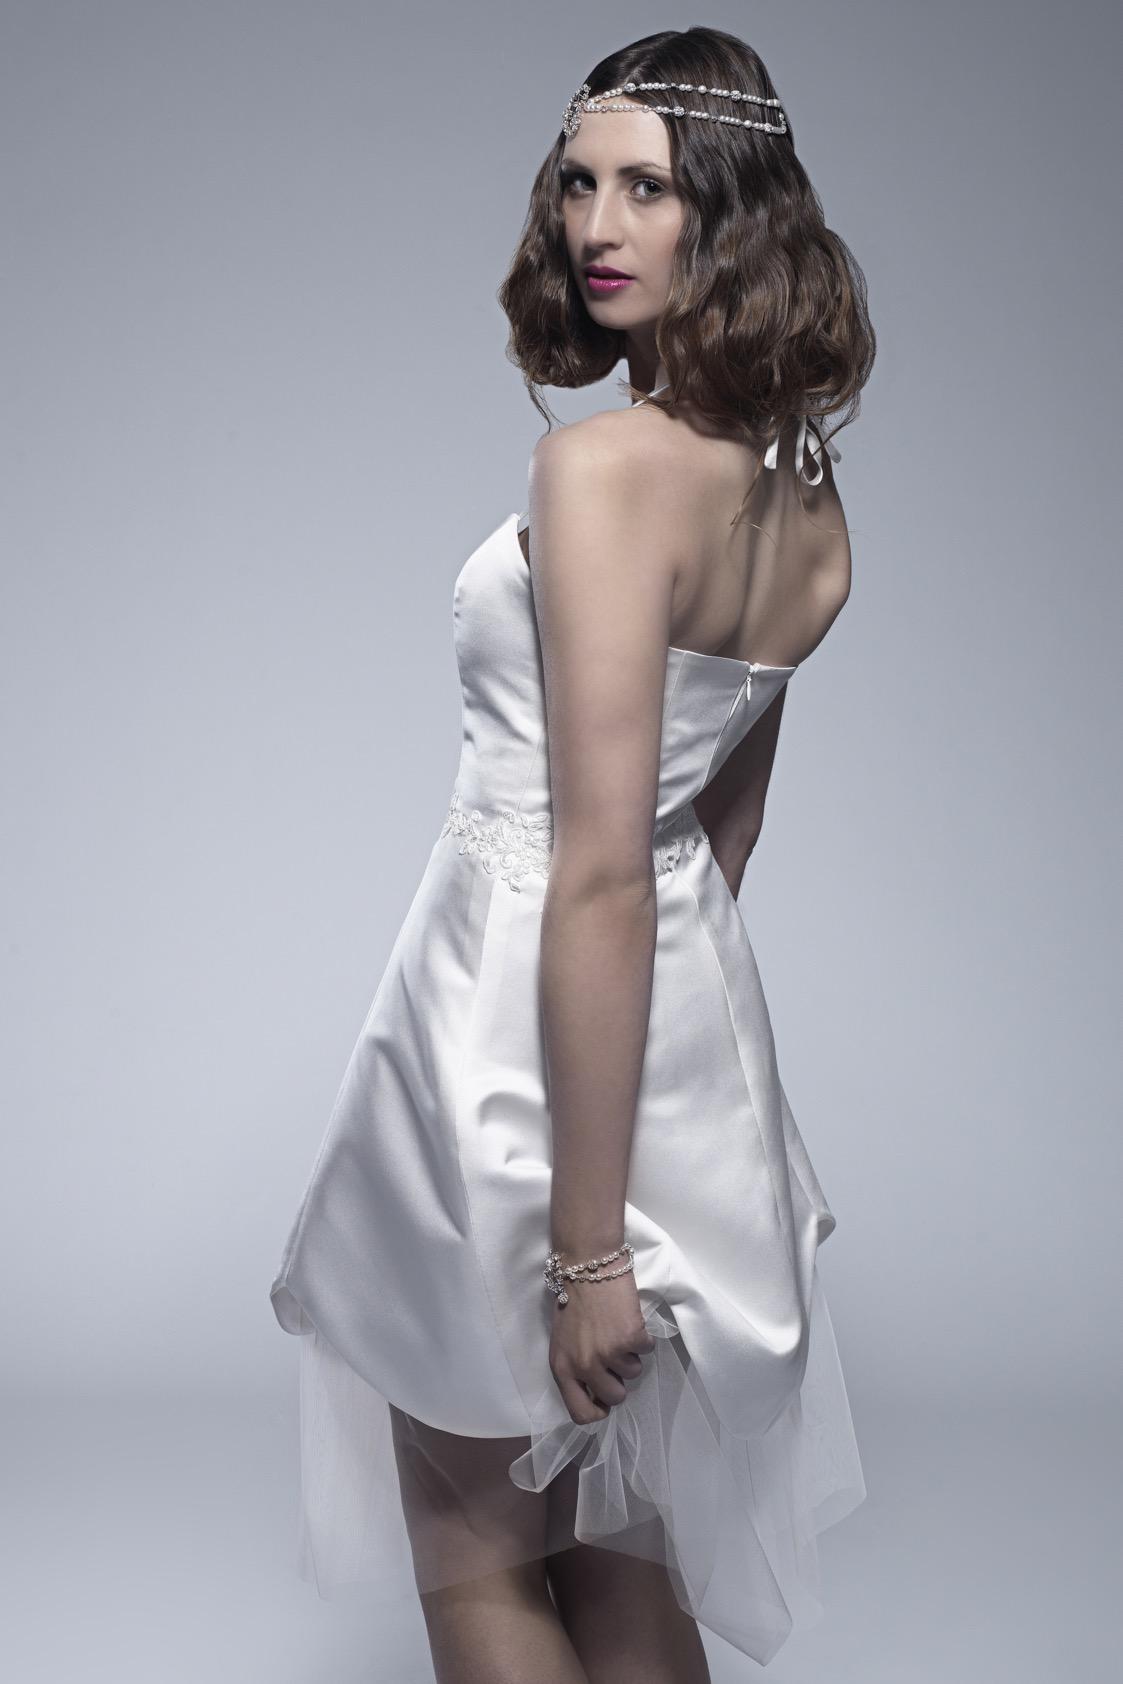 Im Bild zu sehen ist eine junge dunkelhaarige Frau mit kurzen Haaren. Sie trägt einen silbernen Kopfschmuck und ein kurzes weißes Kleid. Sie hat dem Betrachter leicht den Rücken zugedreht und schaut über die Schulter.